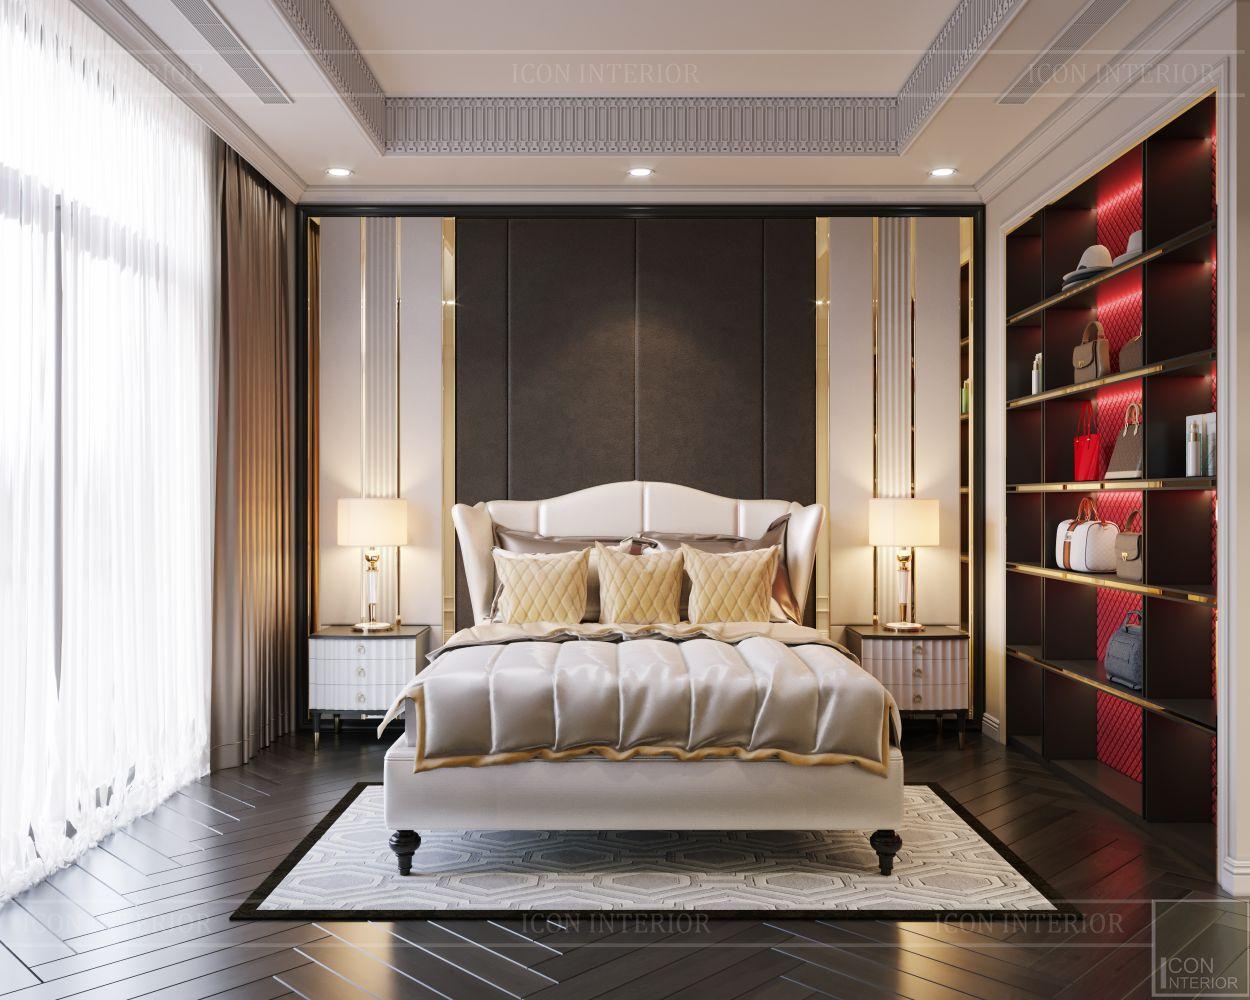 tư vấn thiết kế nội thất biệt thự lavilla green city - phòng ngủ nhỏ 3